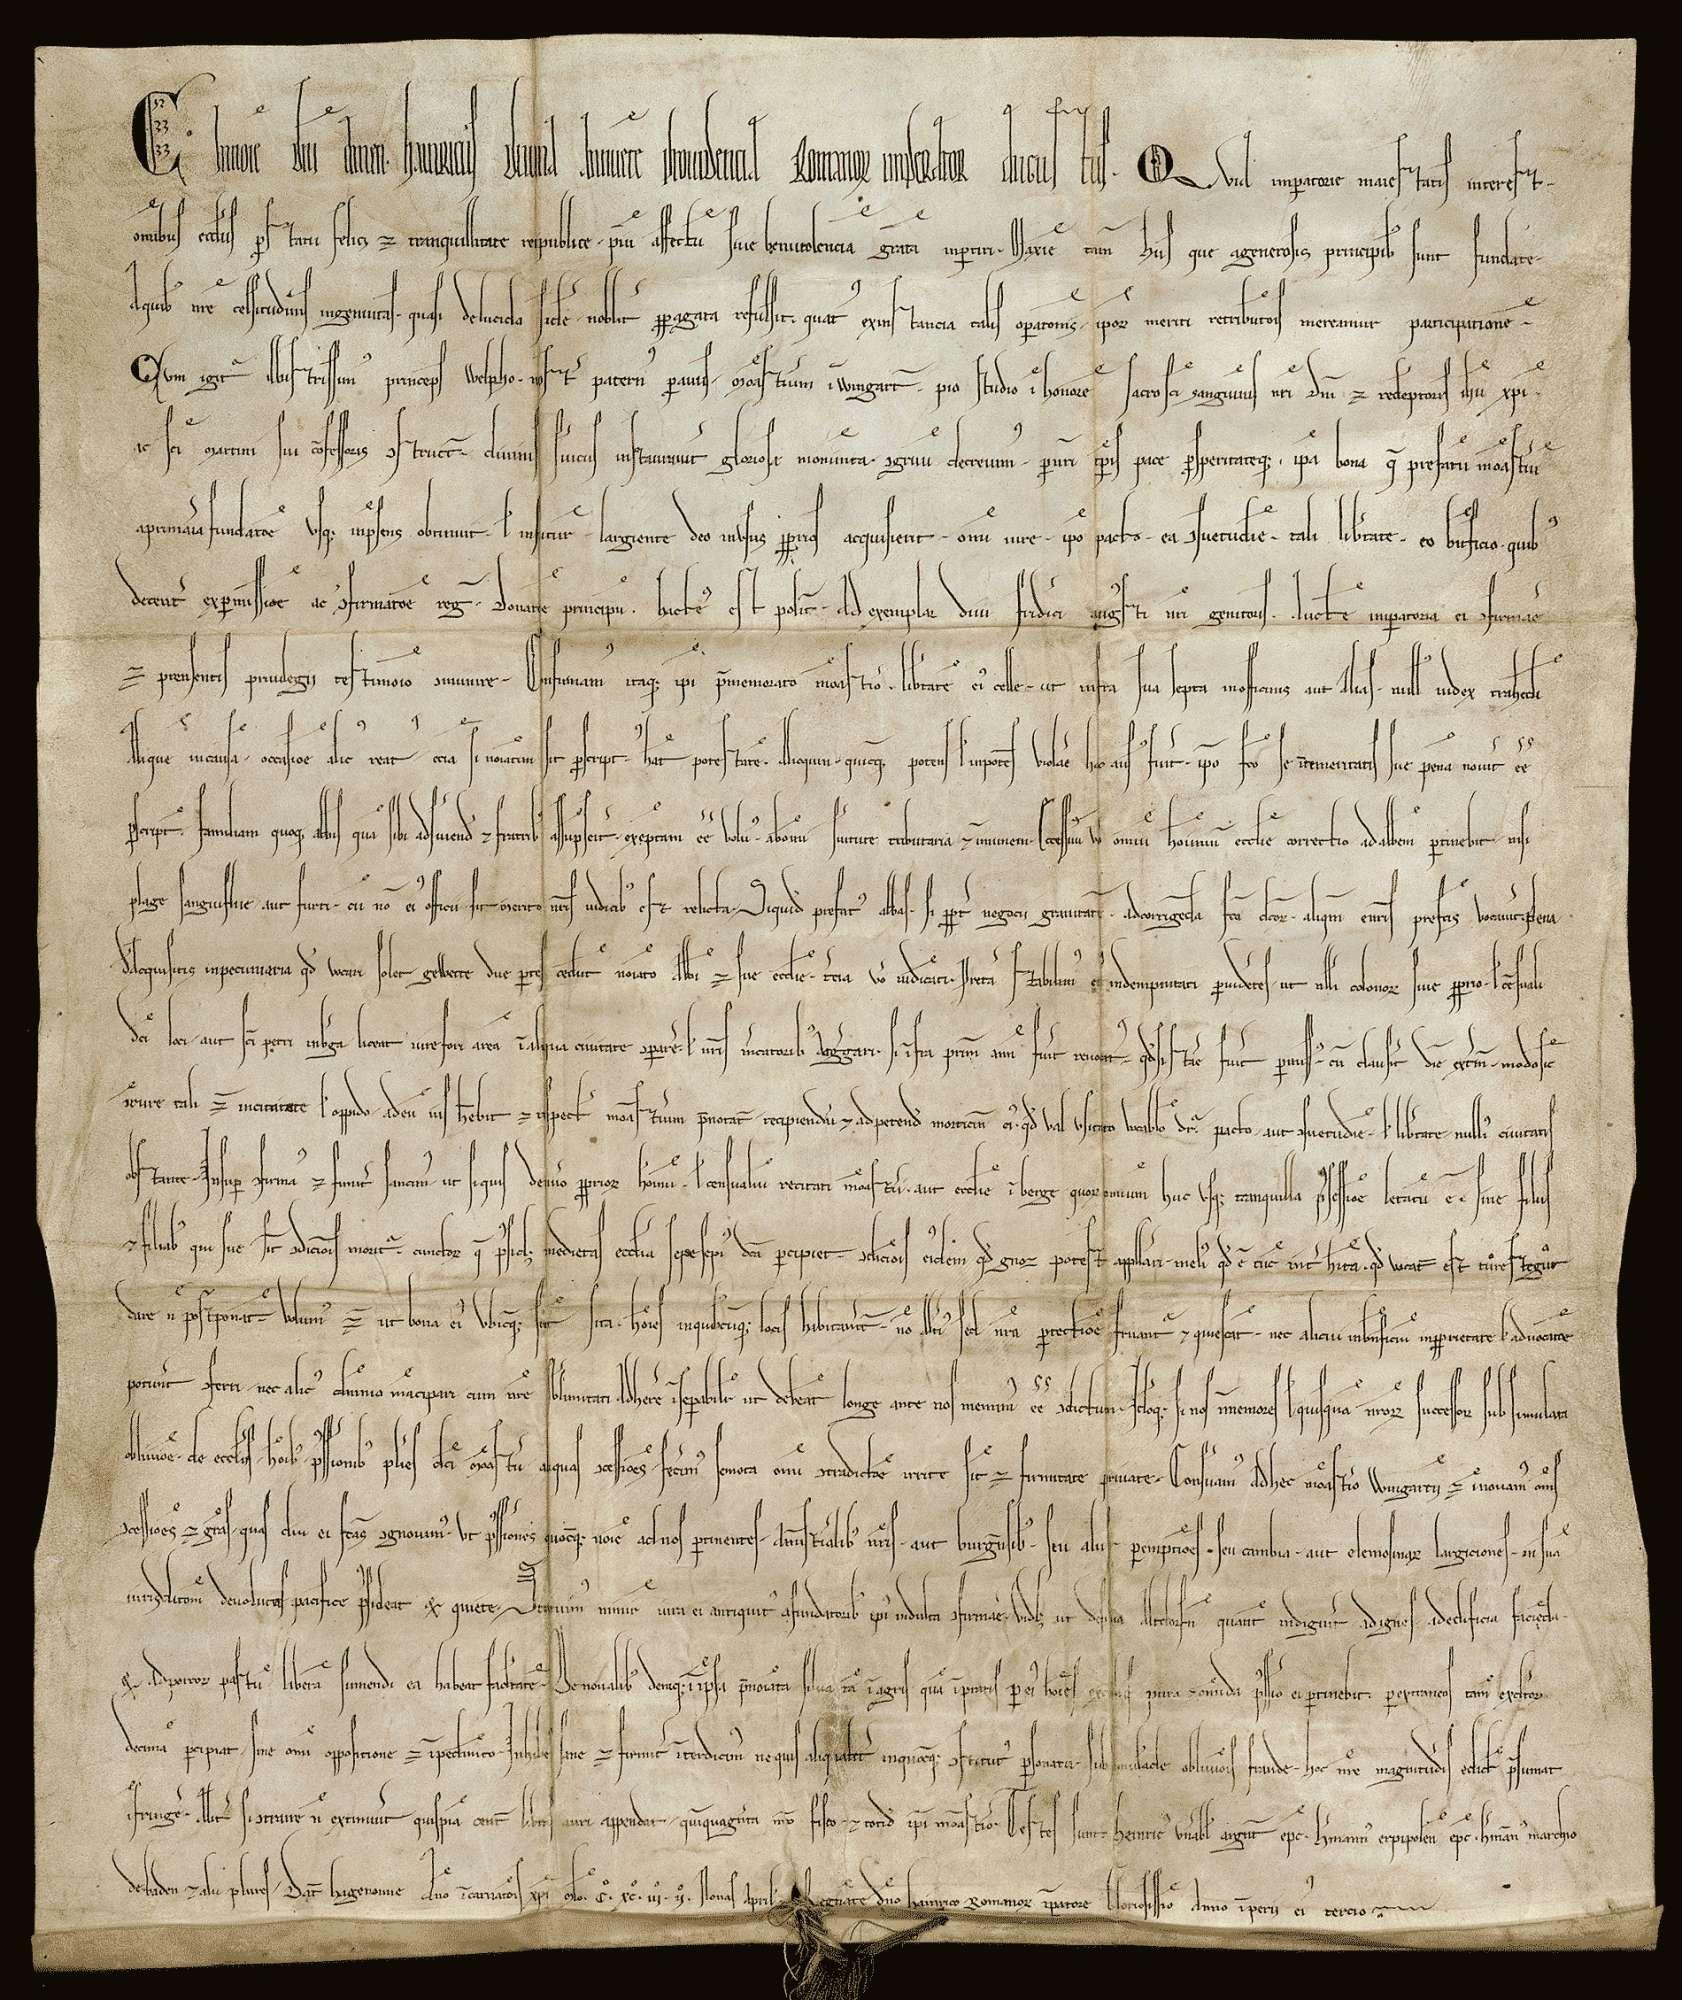 Kaiser Heinrich VI. bestätigt den Besitz und verschiedene, näher beschriebene Rechte des Benediktinerklosters Weingarten., Bild 1